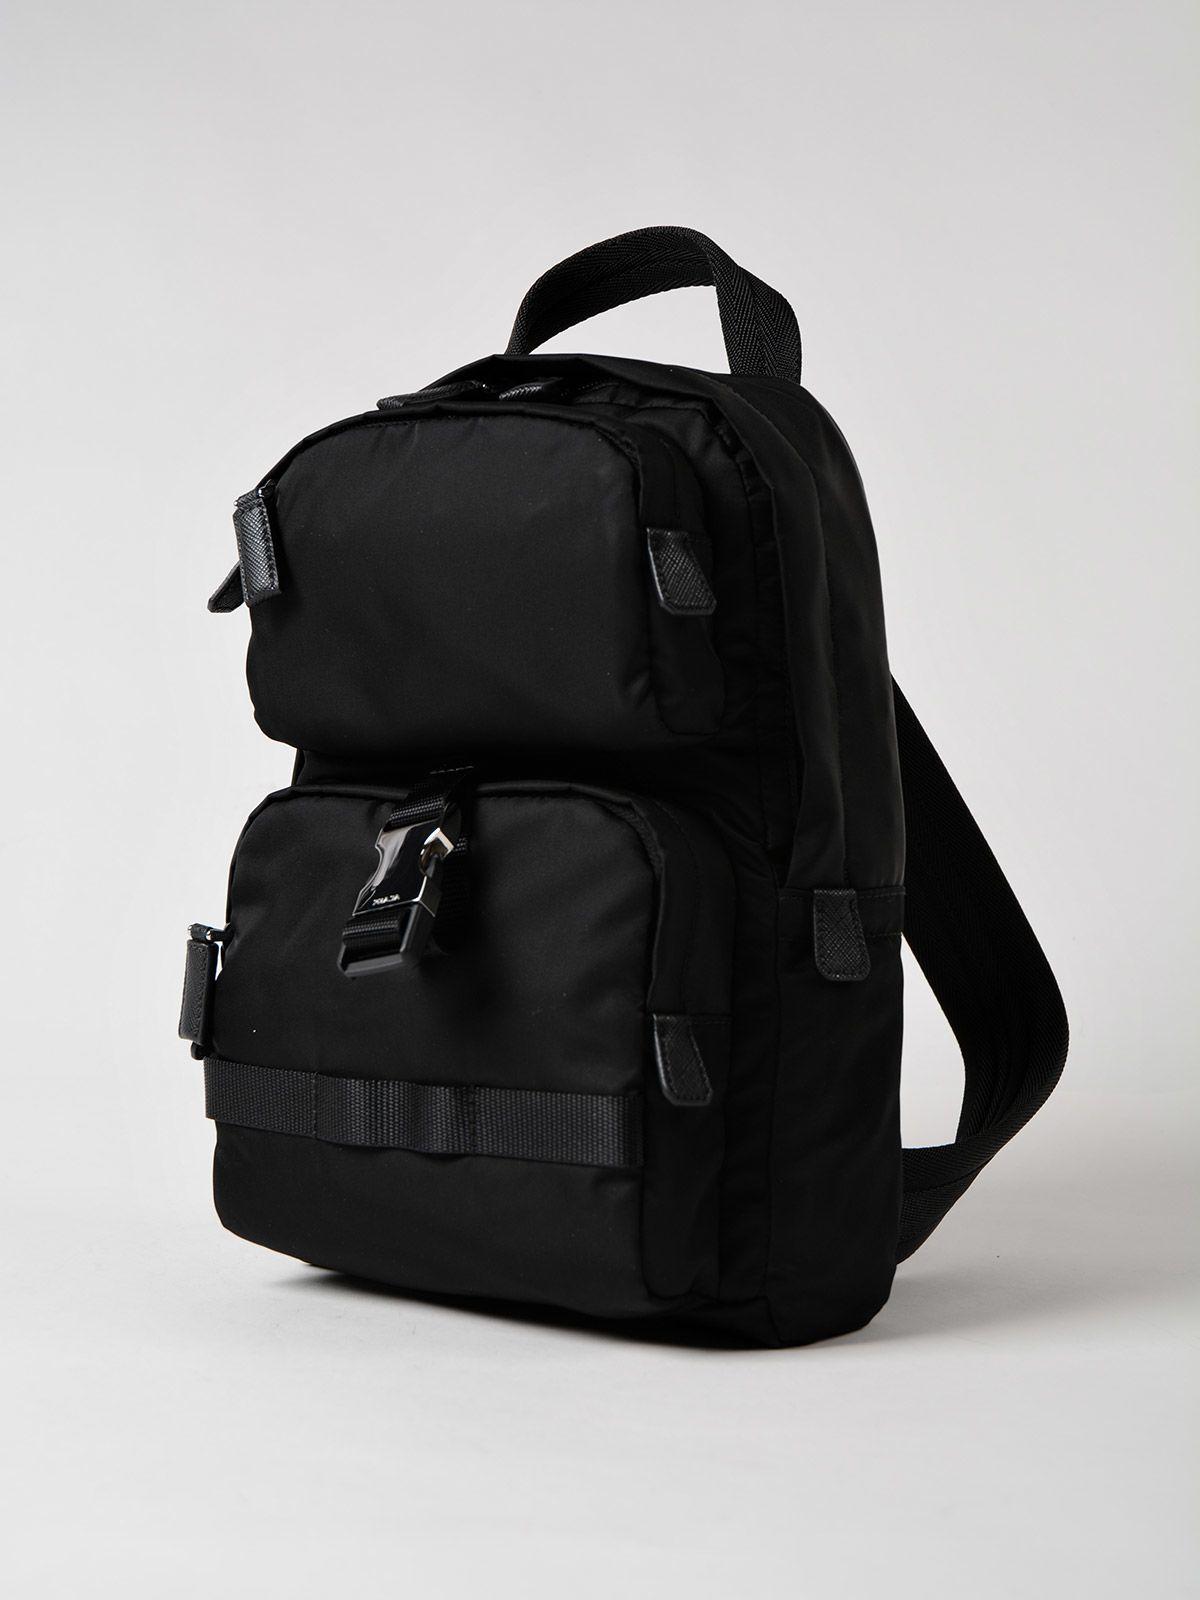 ed196d22edf9 ... best price prada backpack tessuto montagna nero prada backpack tessuto  montagna nero 6ce5c 754a0